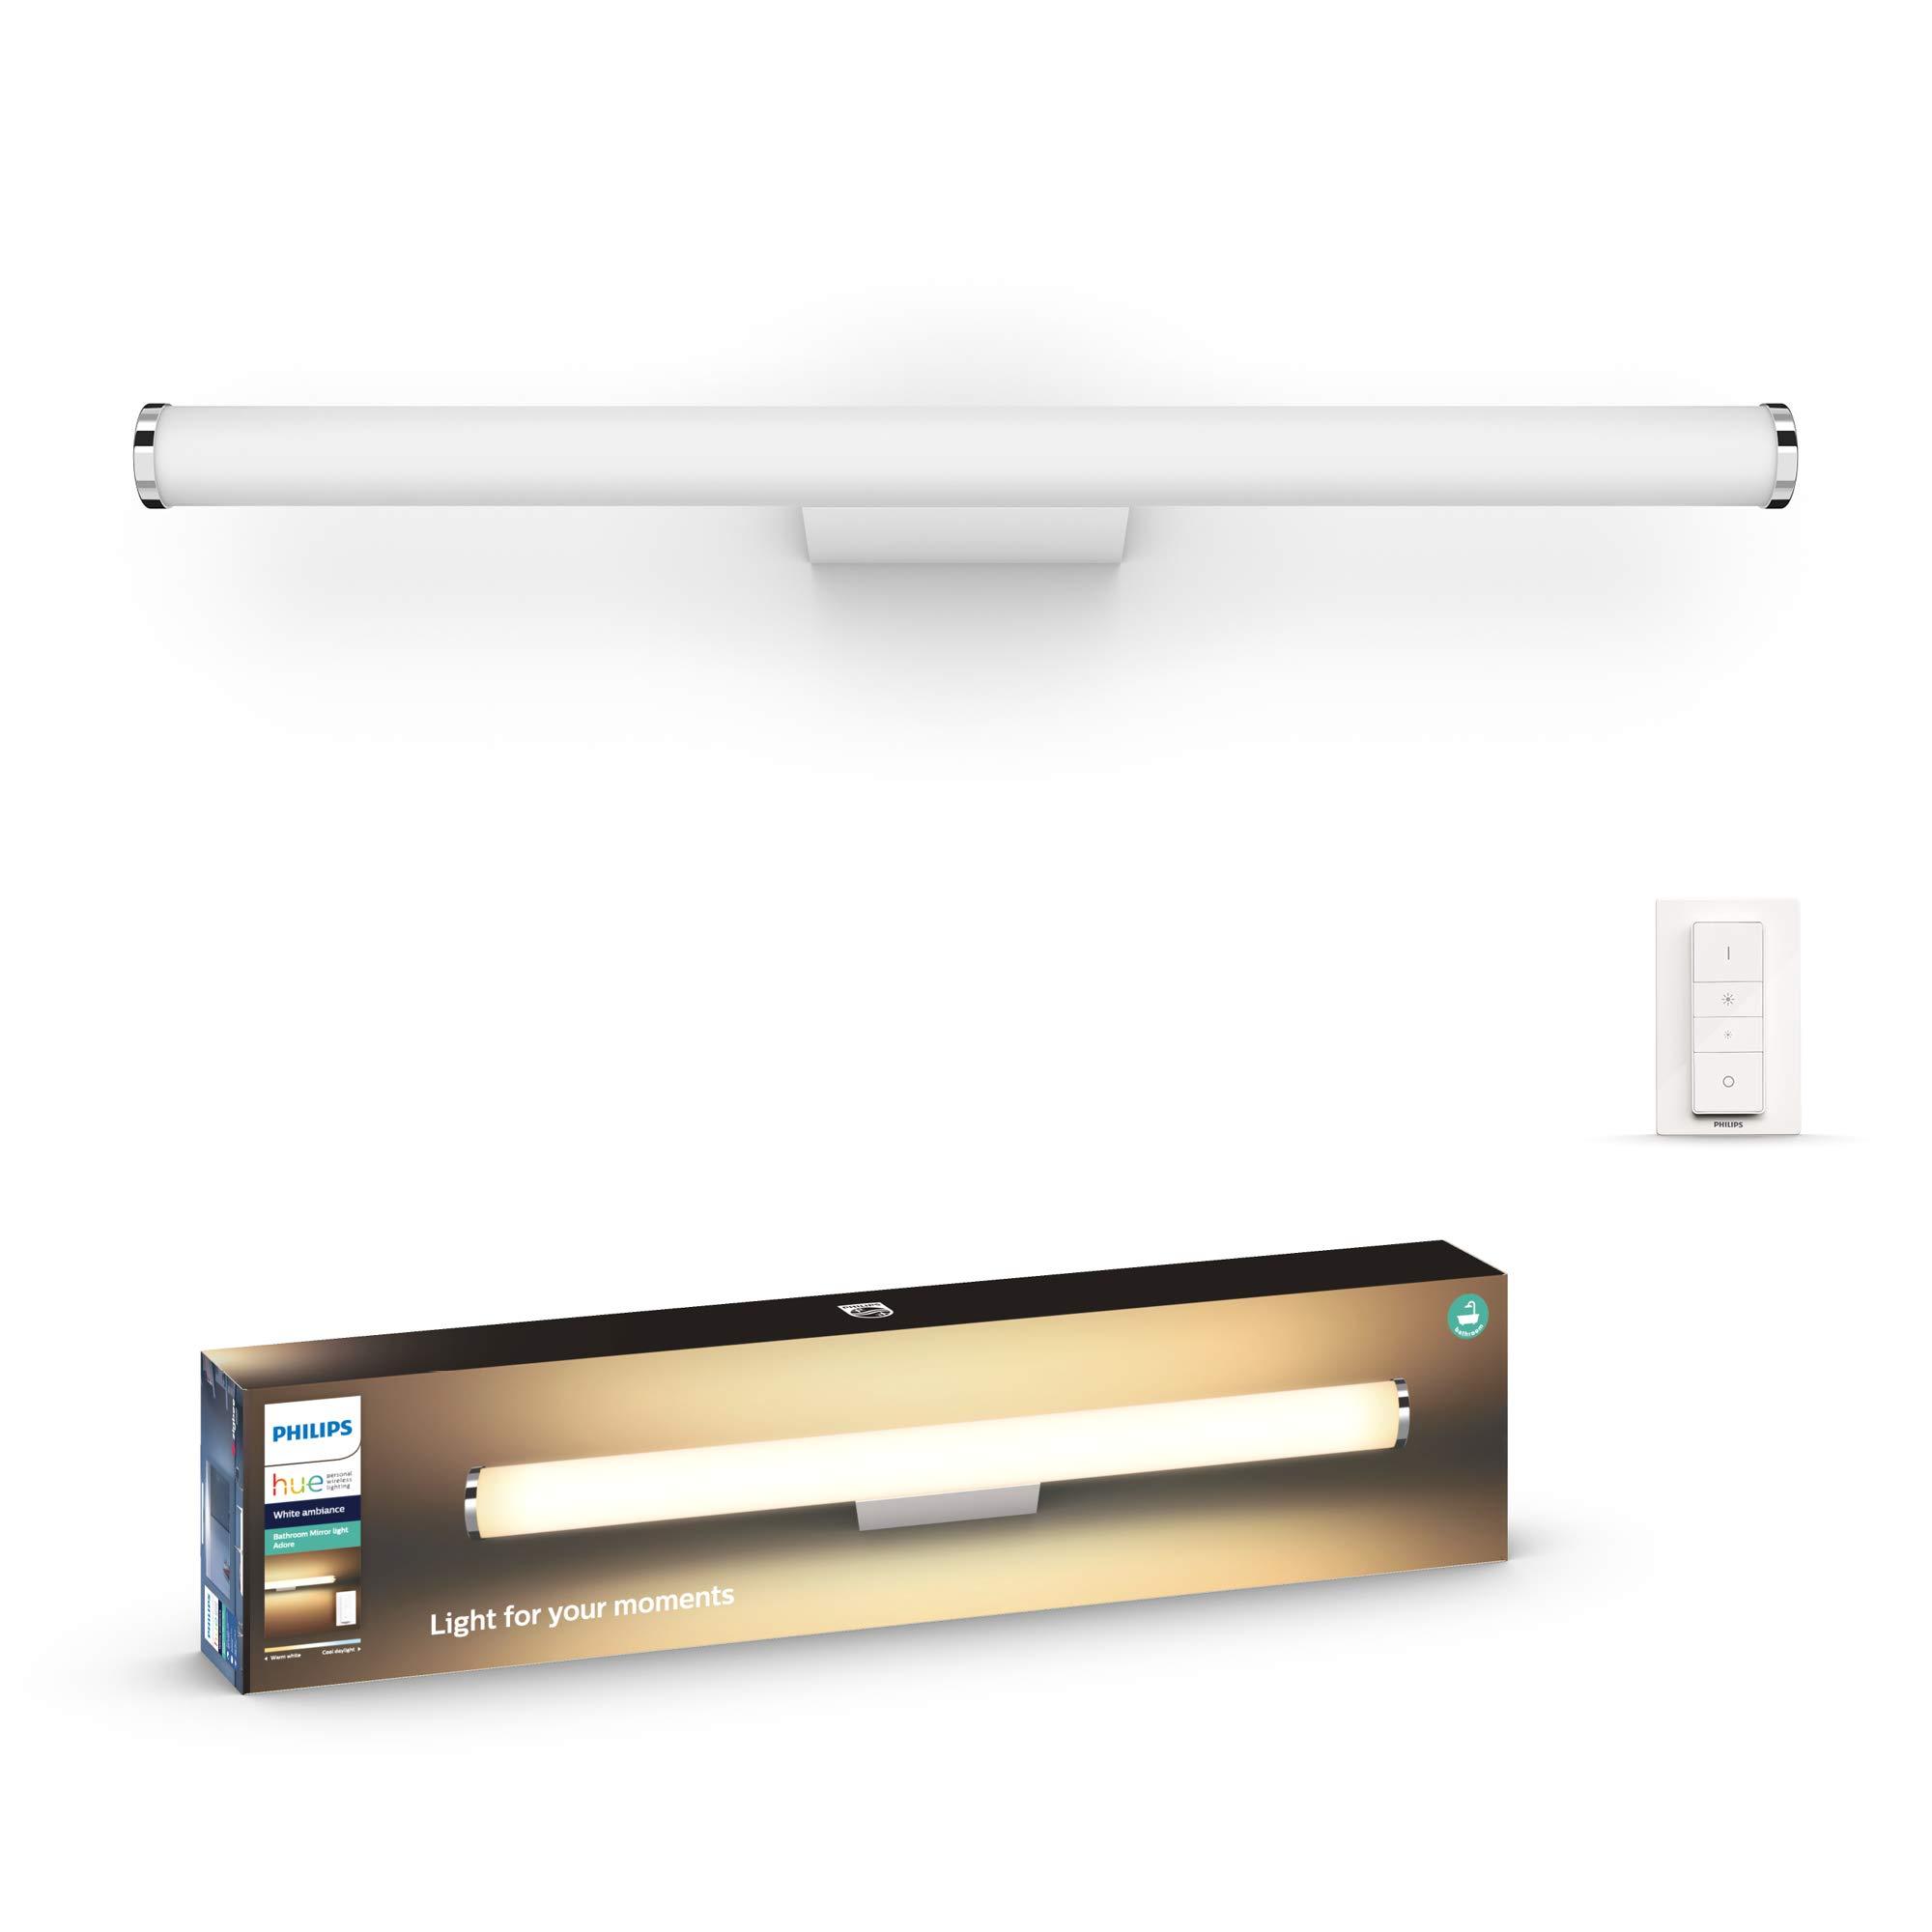 Philips Hue Adore - Aplique tamaño grande LED inteligente blanco para baño  con mando, luz regulable de blanca cálida (16K) a fría (16K)